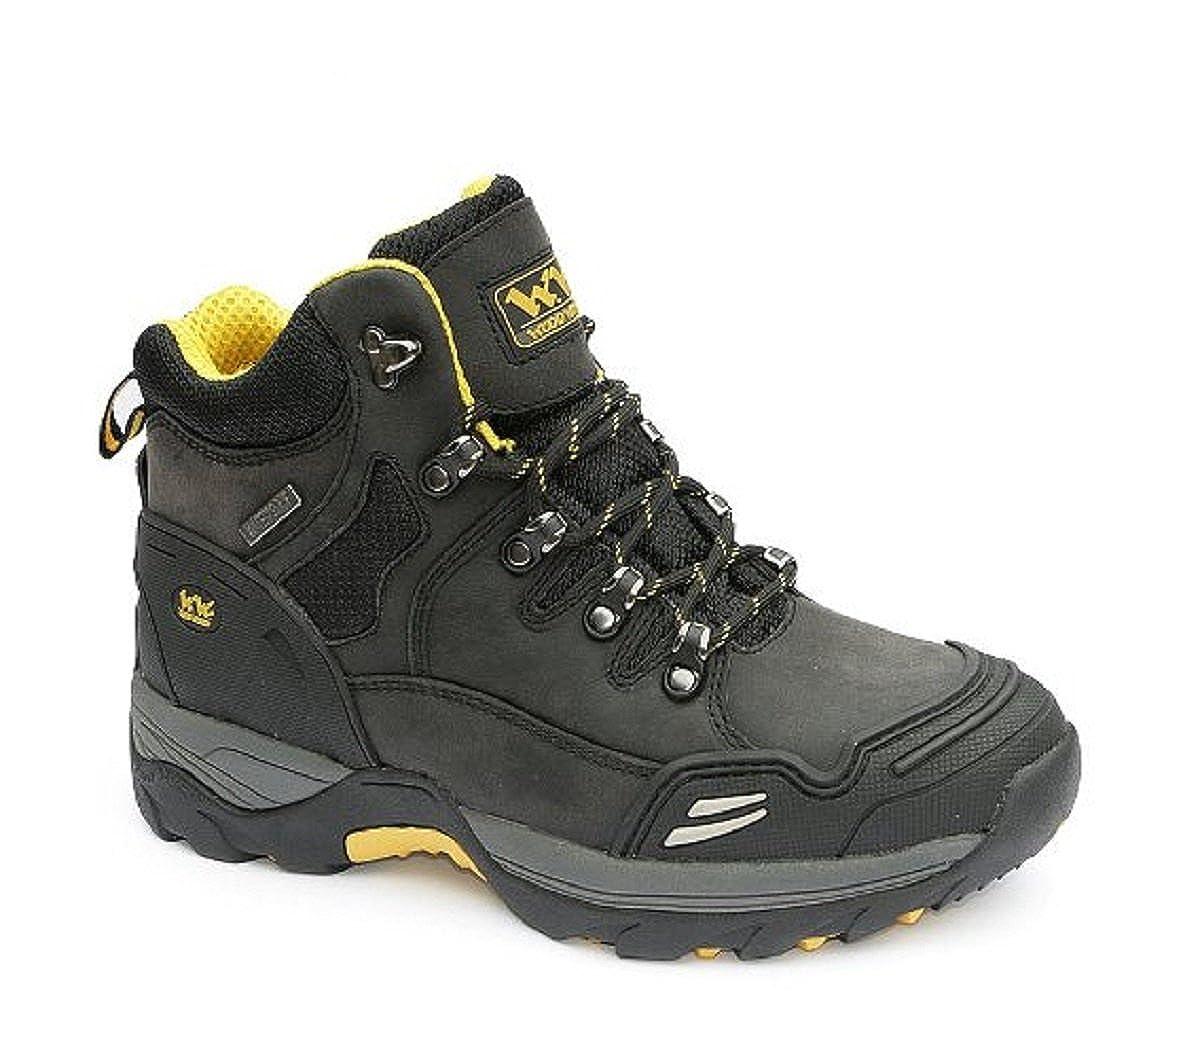 Wood World 9hiP HyDRY Botas de seguridad para hombre: Amazon.es: Zapatos y complementos